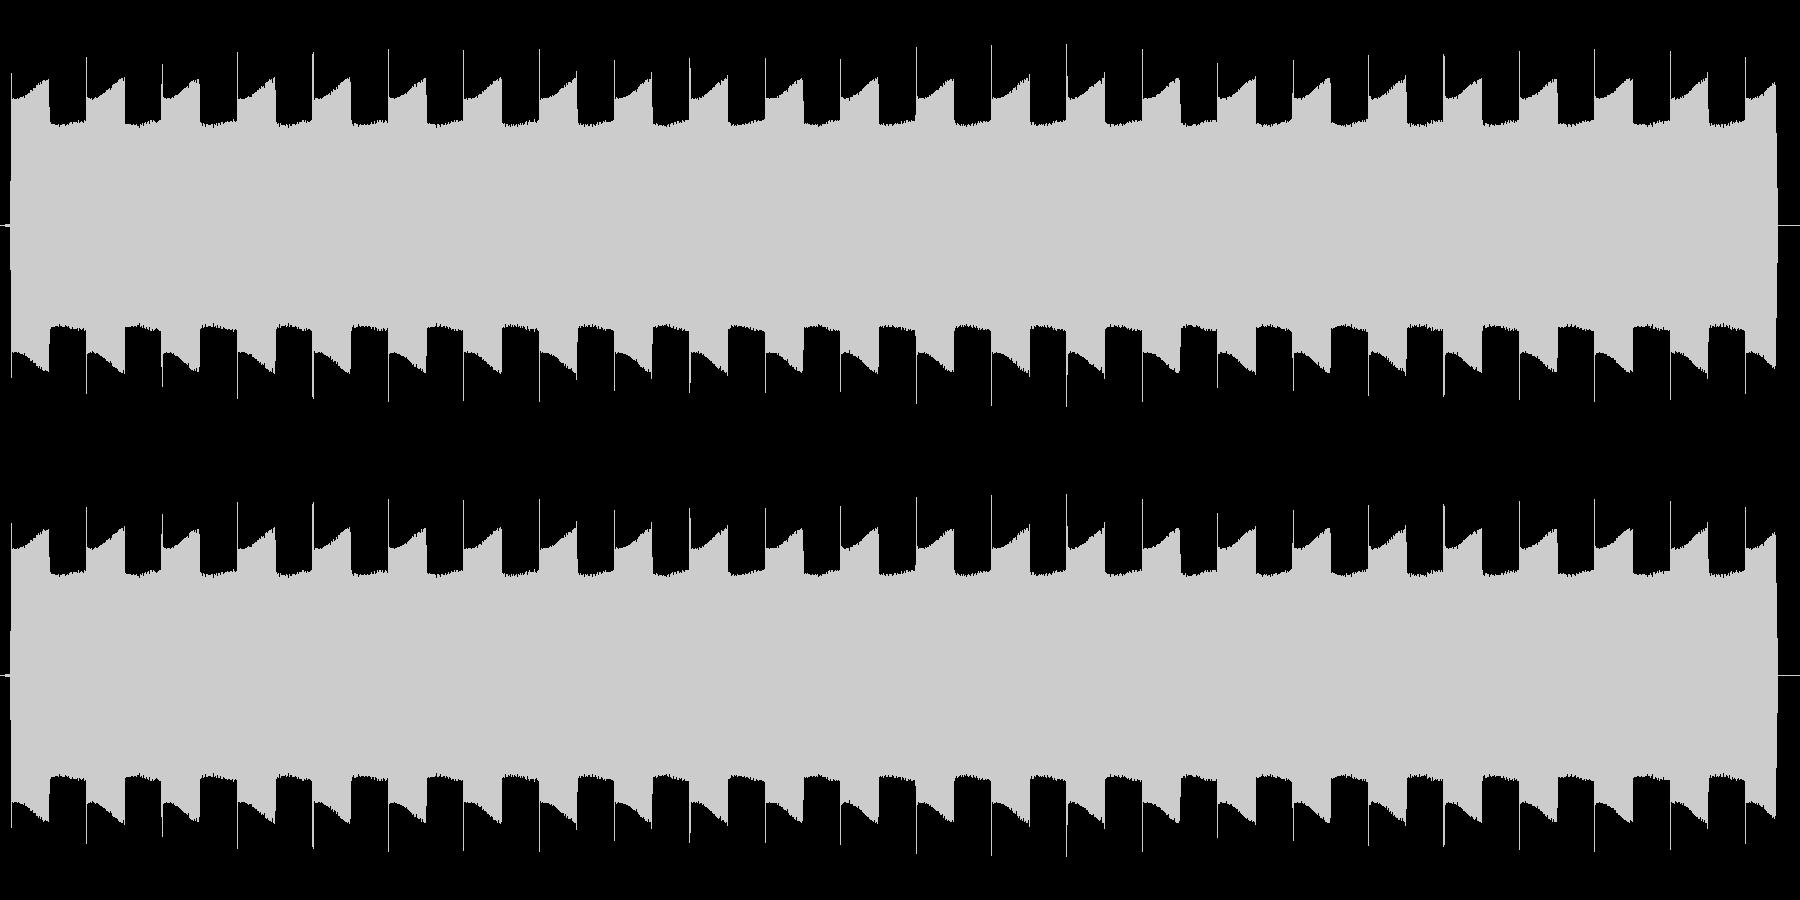 ピヨピヨピヨ(放送禁止ピー音などに)の未再生の波形